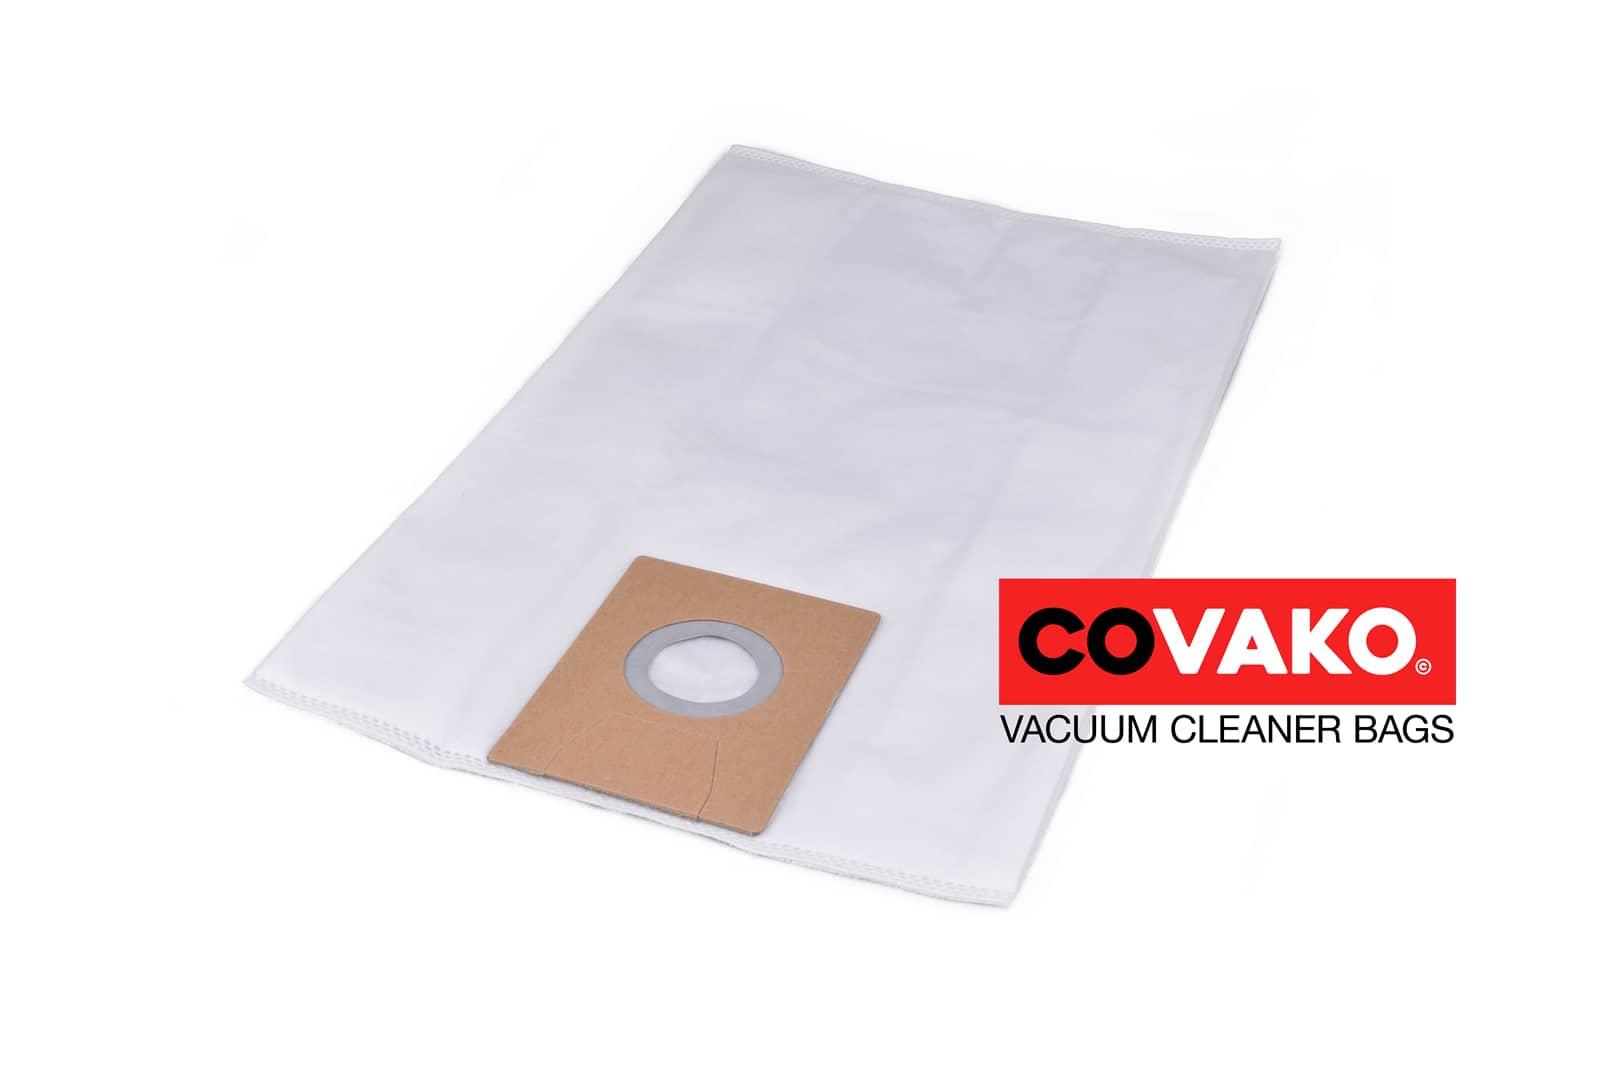 Borema TS 8 / Synthétique - Borema sacs d'aspirateur